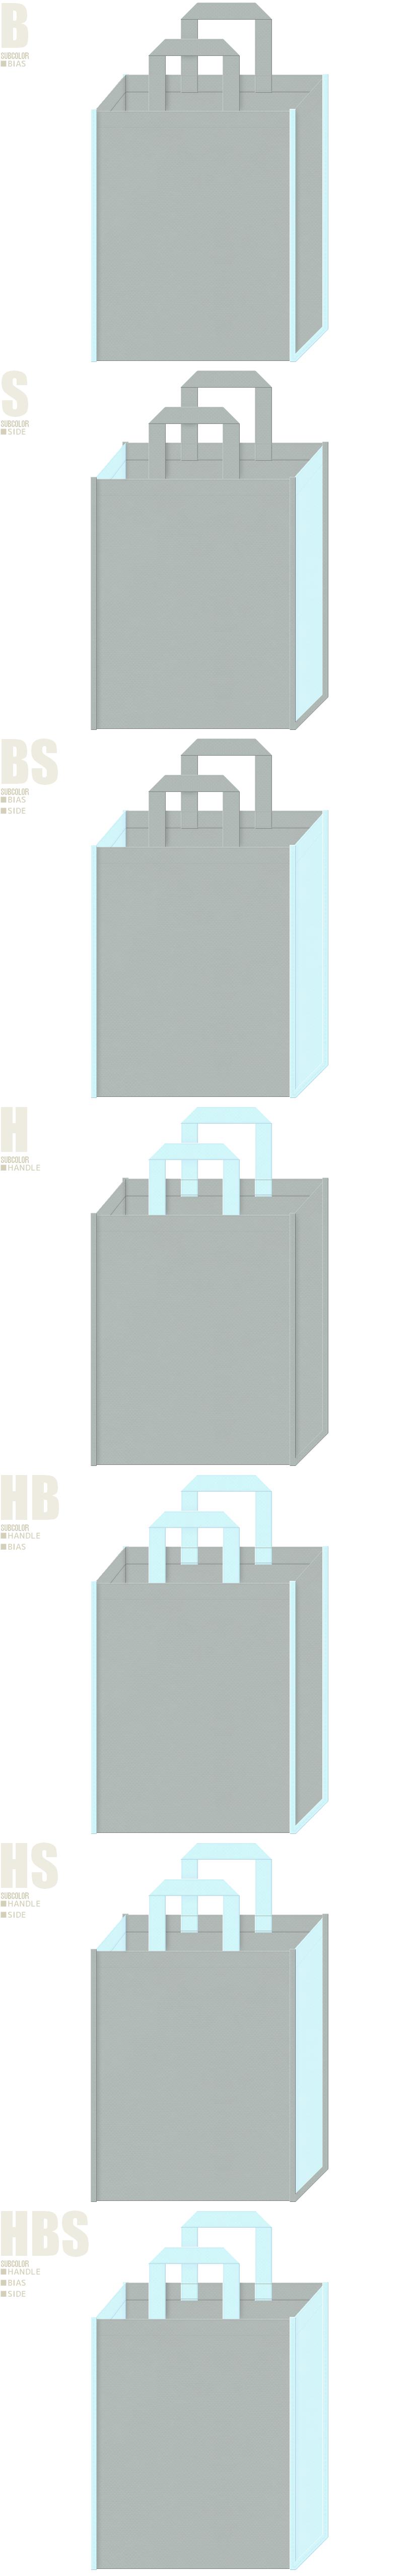 都市計画・アルミサッシ・エクステリア・ガス・水道・給排水設備・管工機材の展示会用バッグにお奨めの不織布バッグデザイン:グレー色と水色の配色7パターン